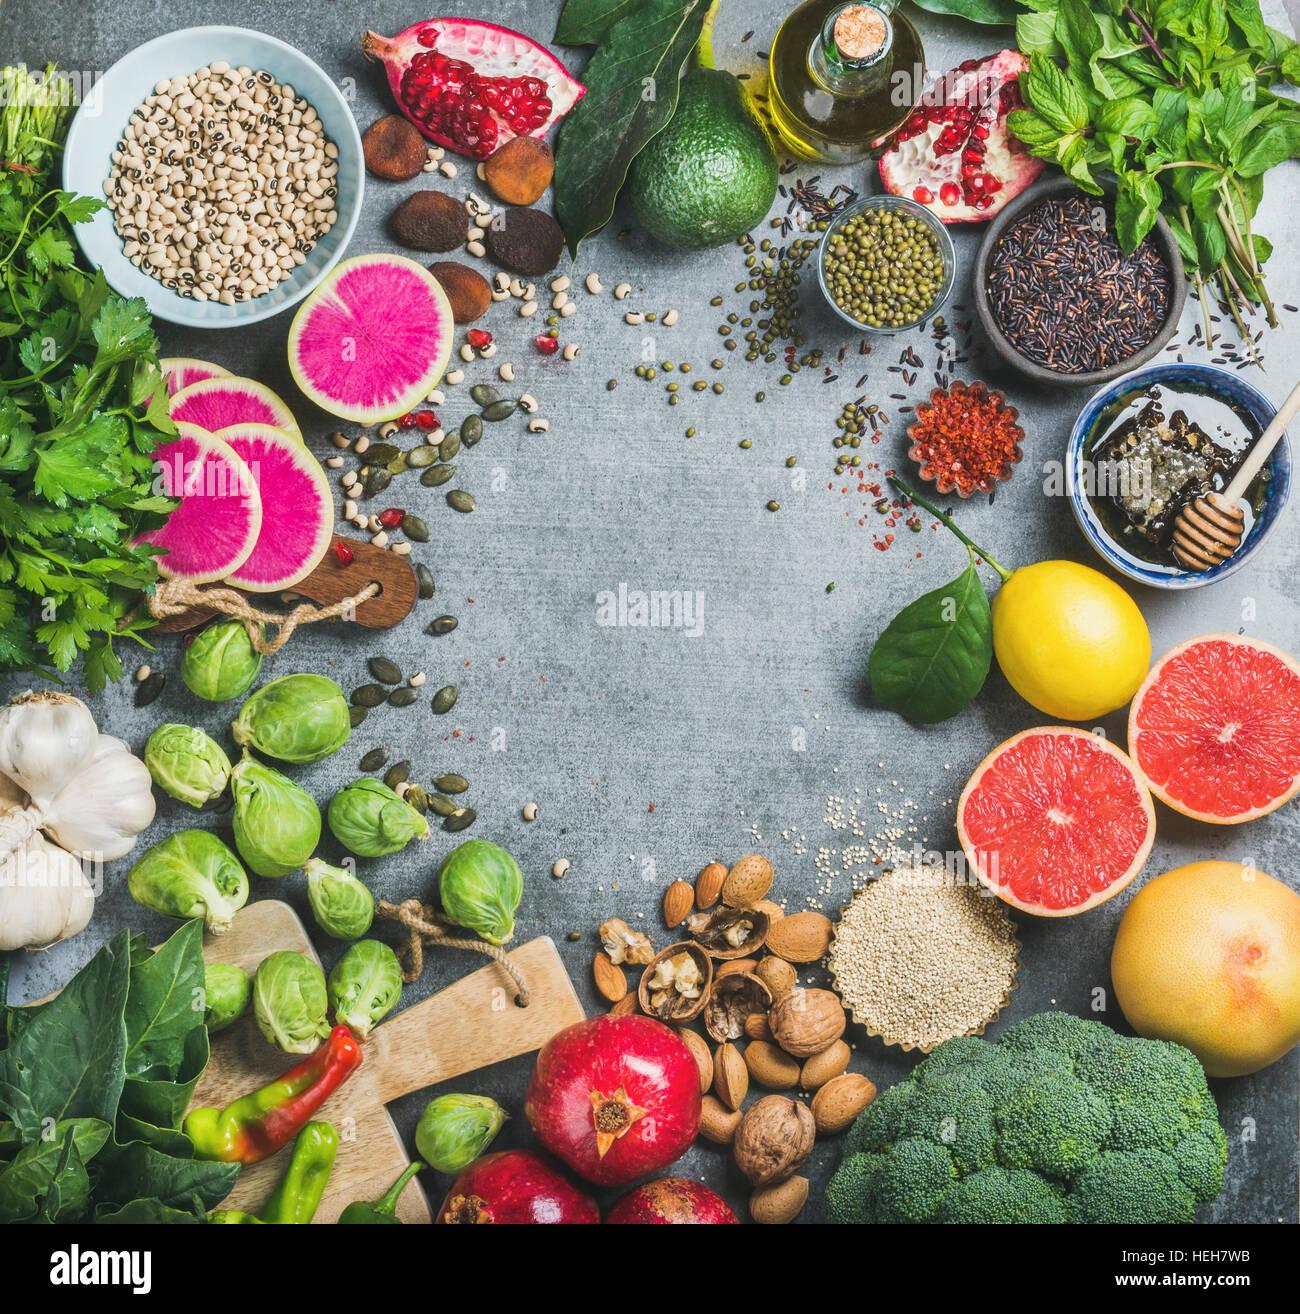 Pulire il concetto di mangiare. Varietà di verdure, frutti, semi, cereali, fagioli, spezie, superfoods, erbe, Immagini Stock